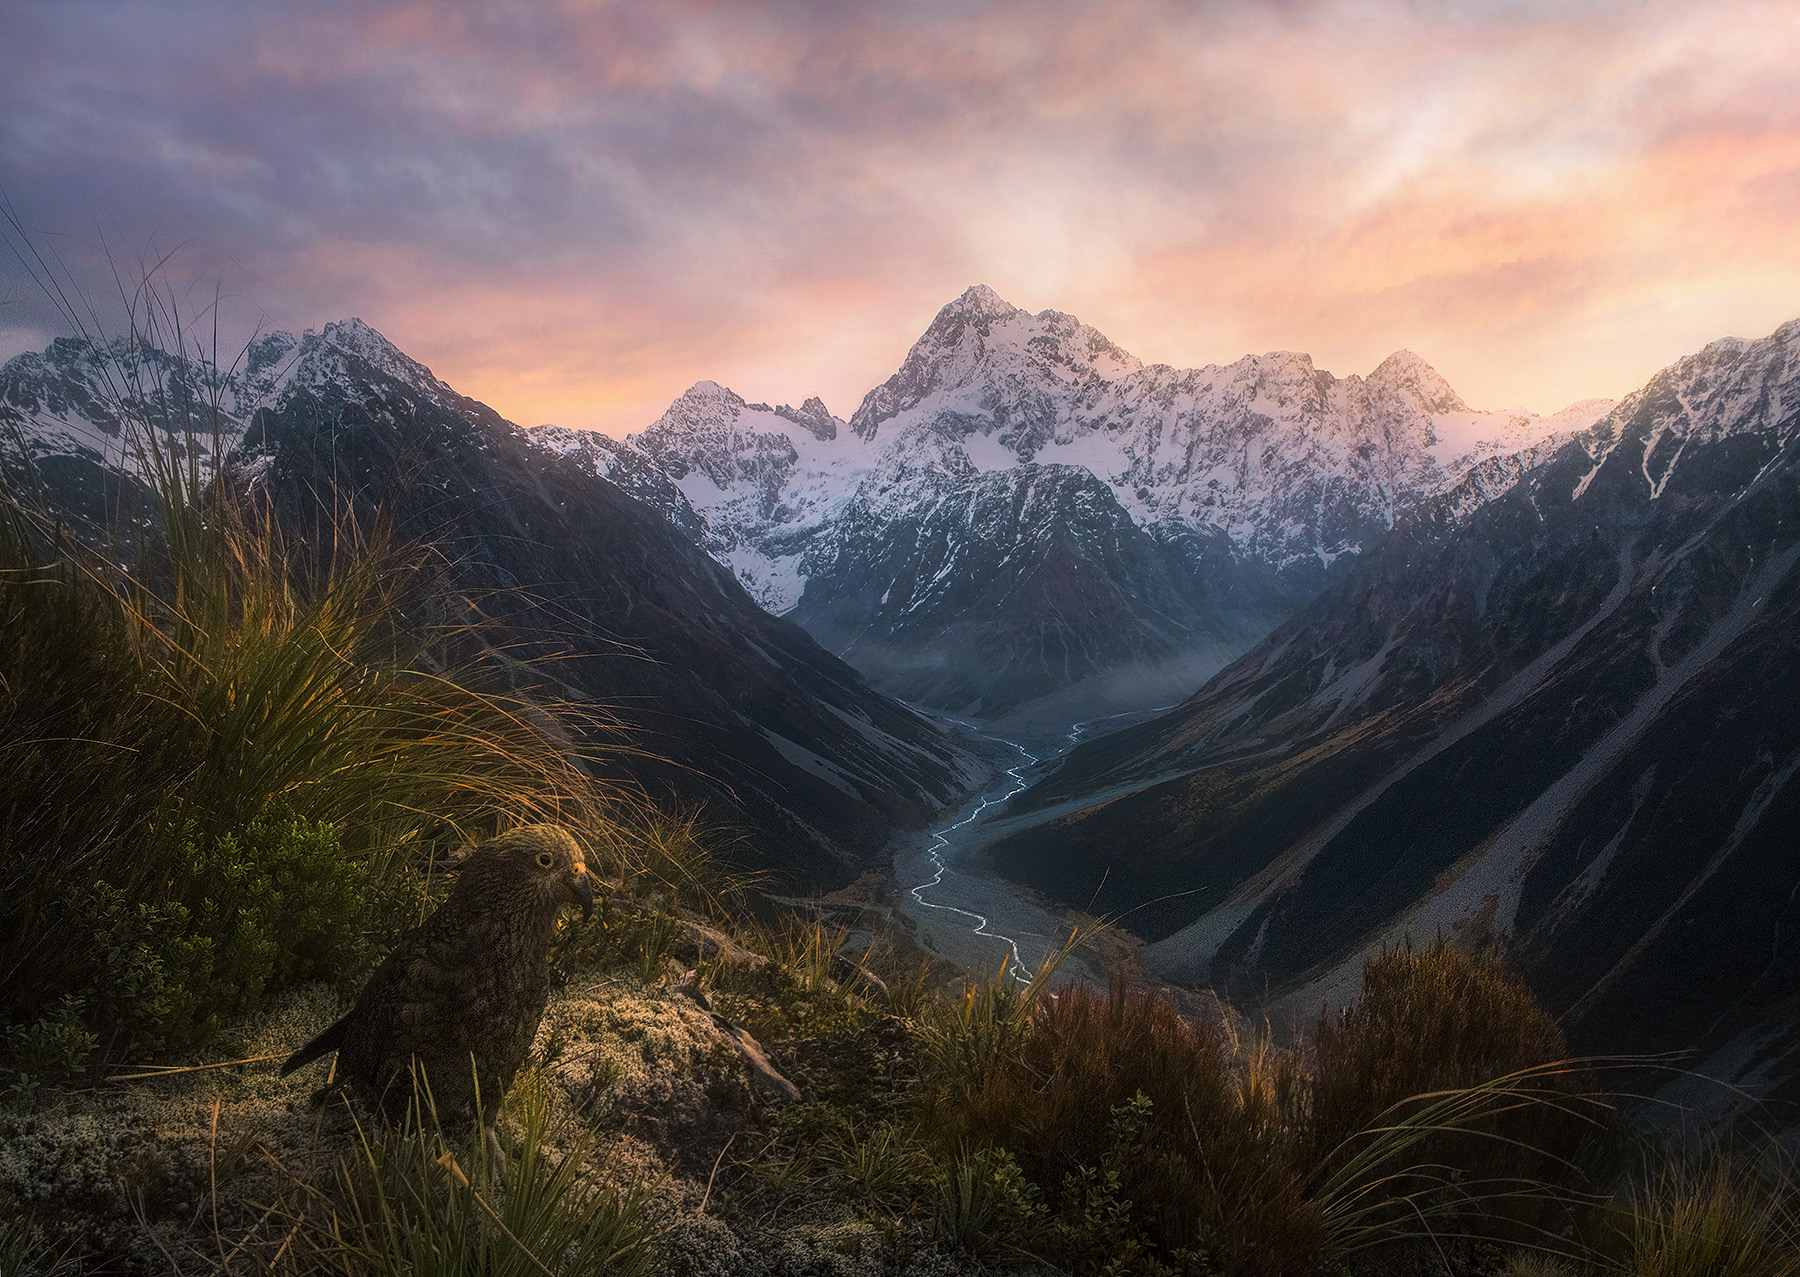 kea, parrot, New Zealand, mountains, landscape, d'archaic, photo